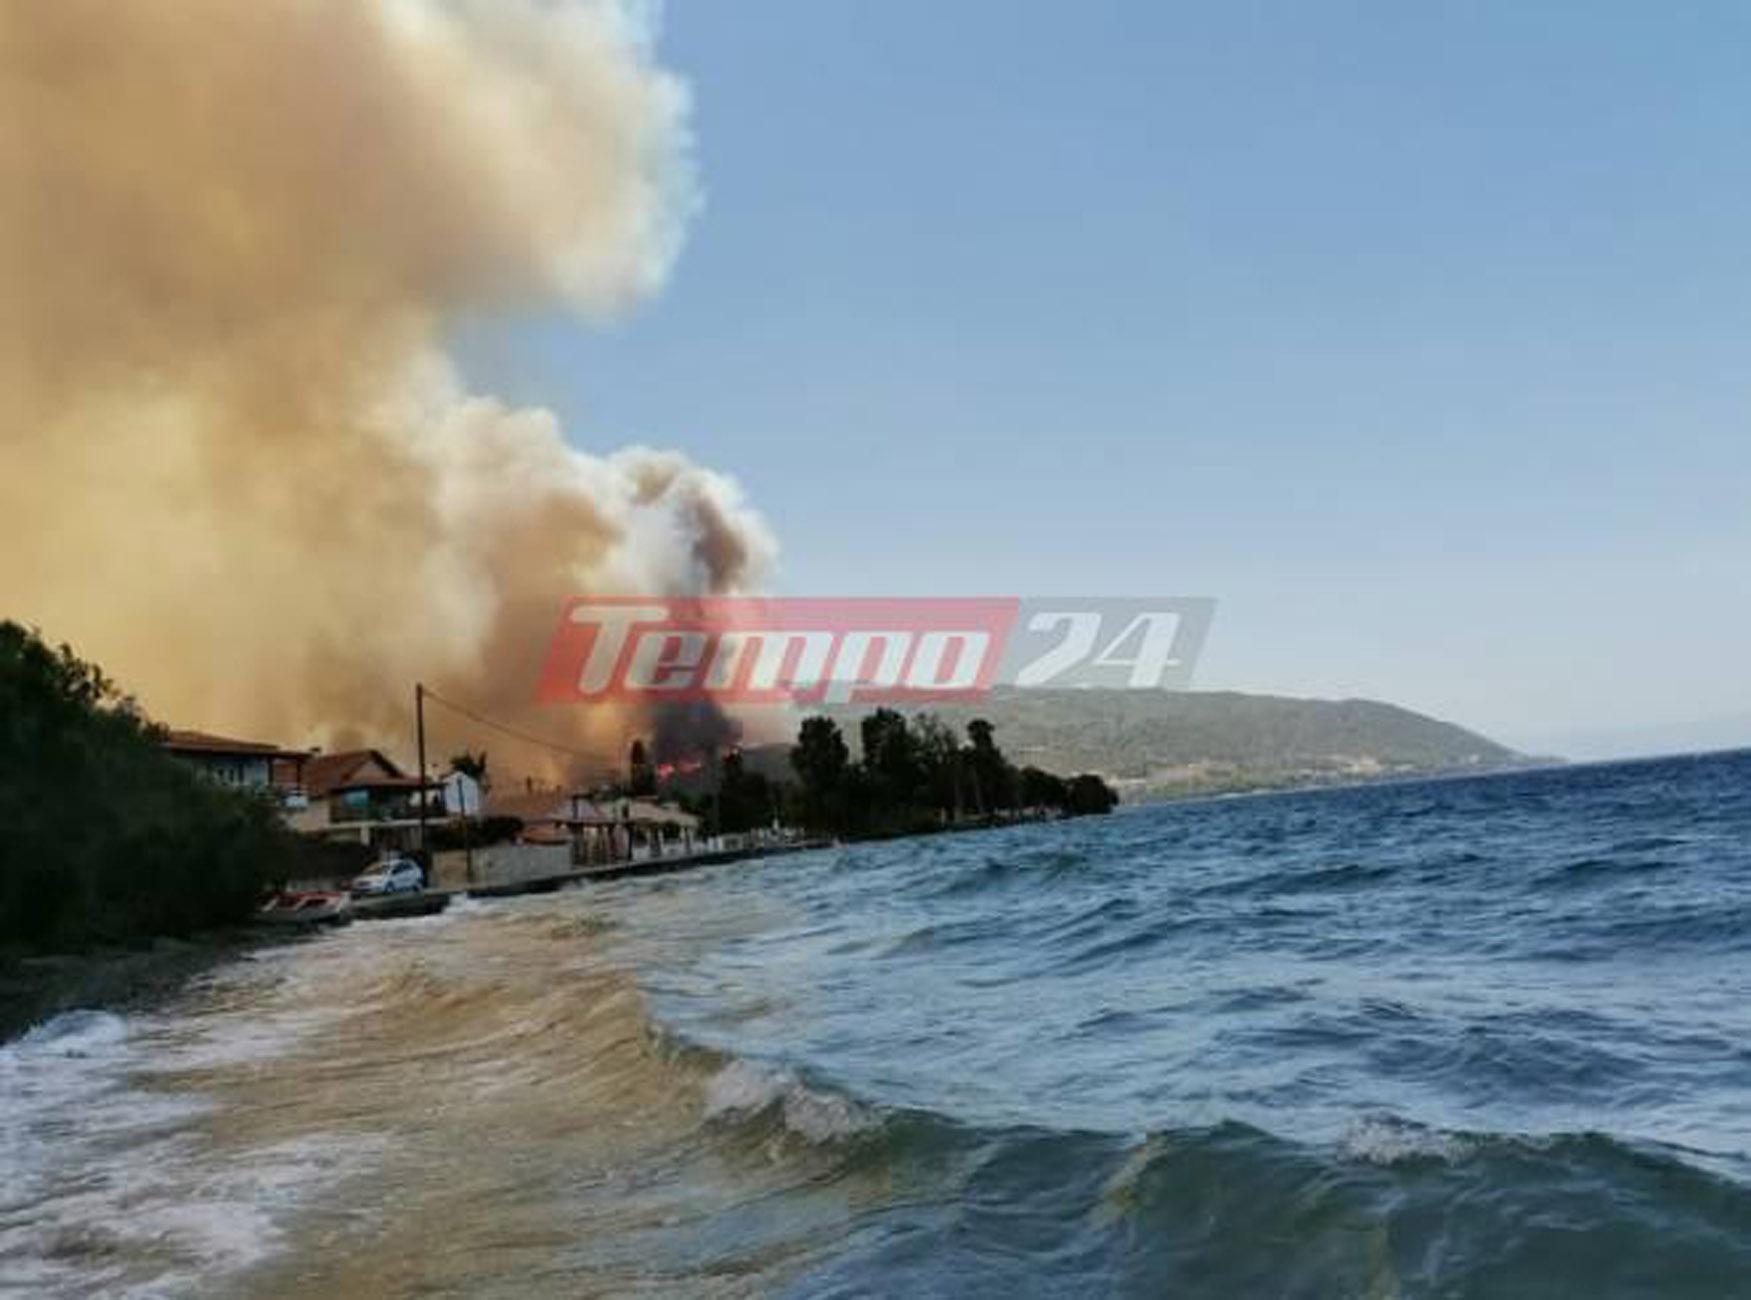 Φωτιά στην Αχαΐα: Μήνυμα εκκένωσης από το 112 για Ζήρια, Καμάρες και Λαμπίρι – Απομακρύνεται ο κόσμος από παραλίες και beach bar